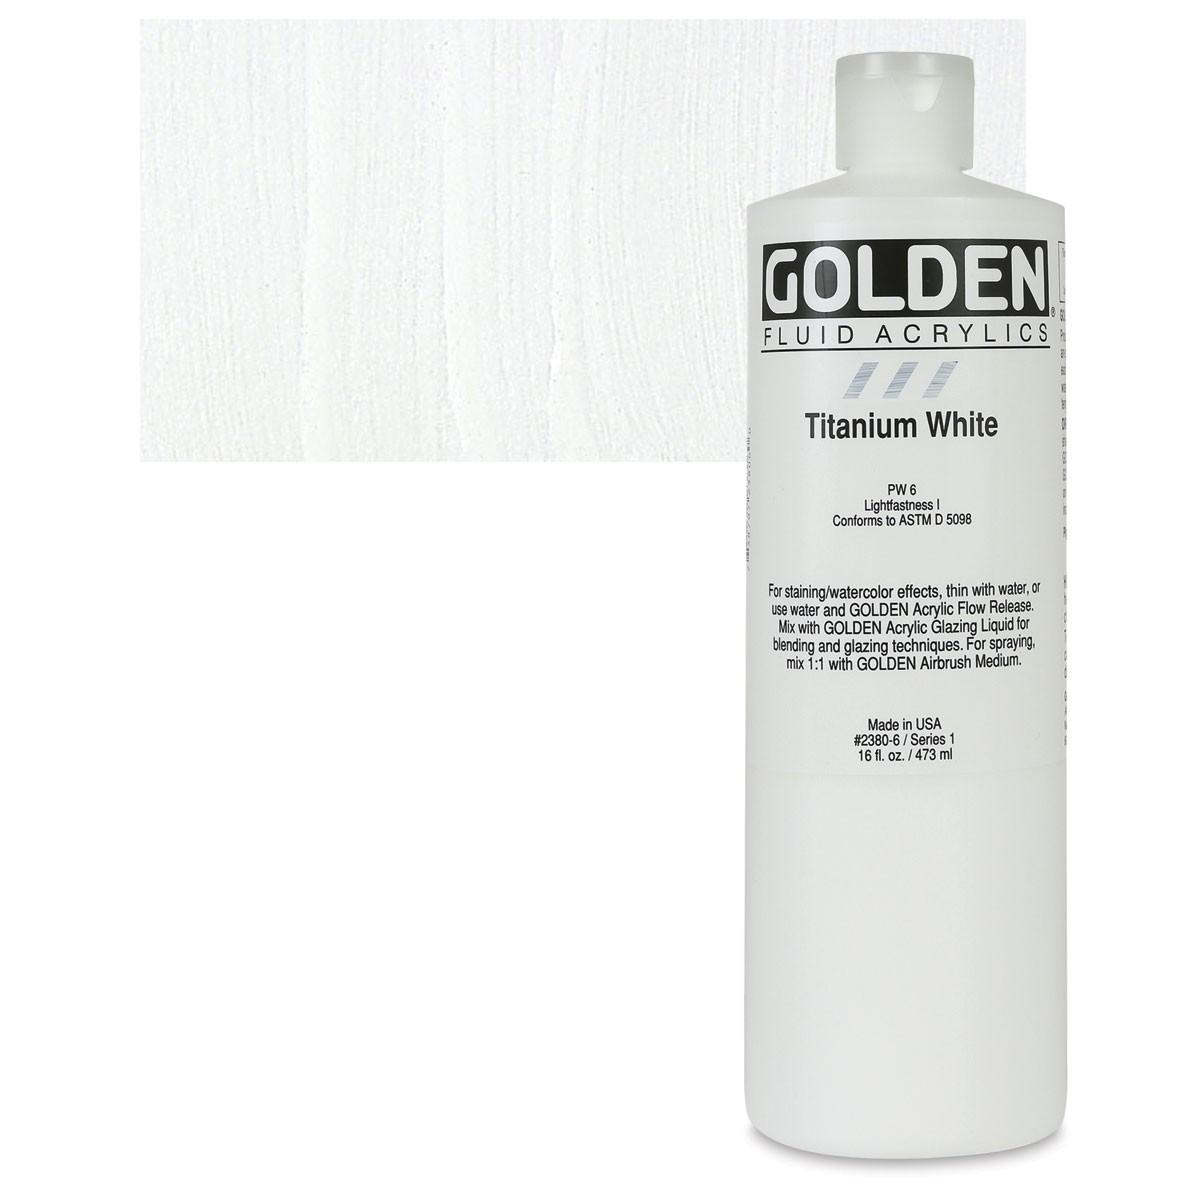 GOLDEN Fluid 473ml. Titanium white